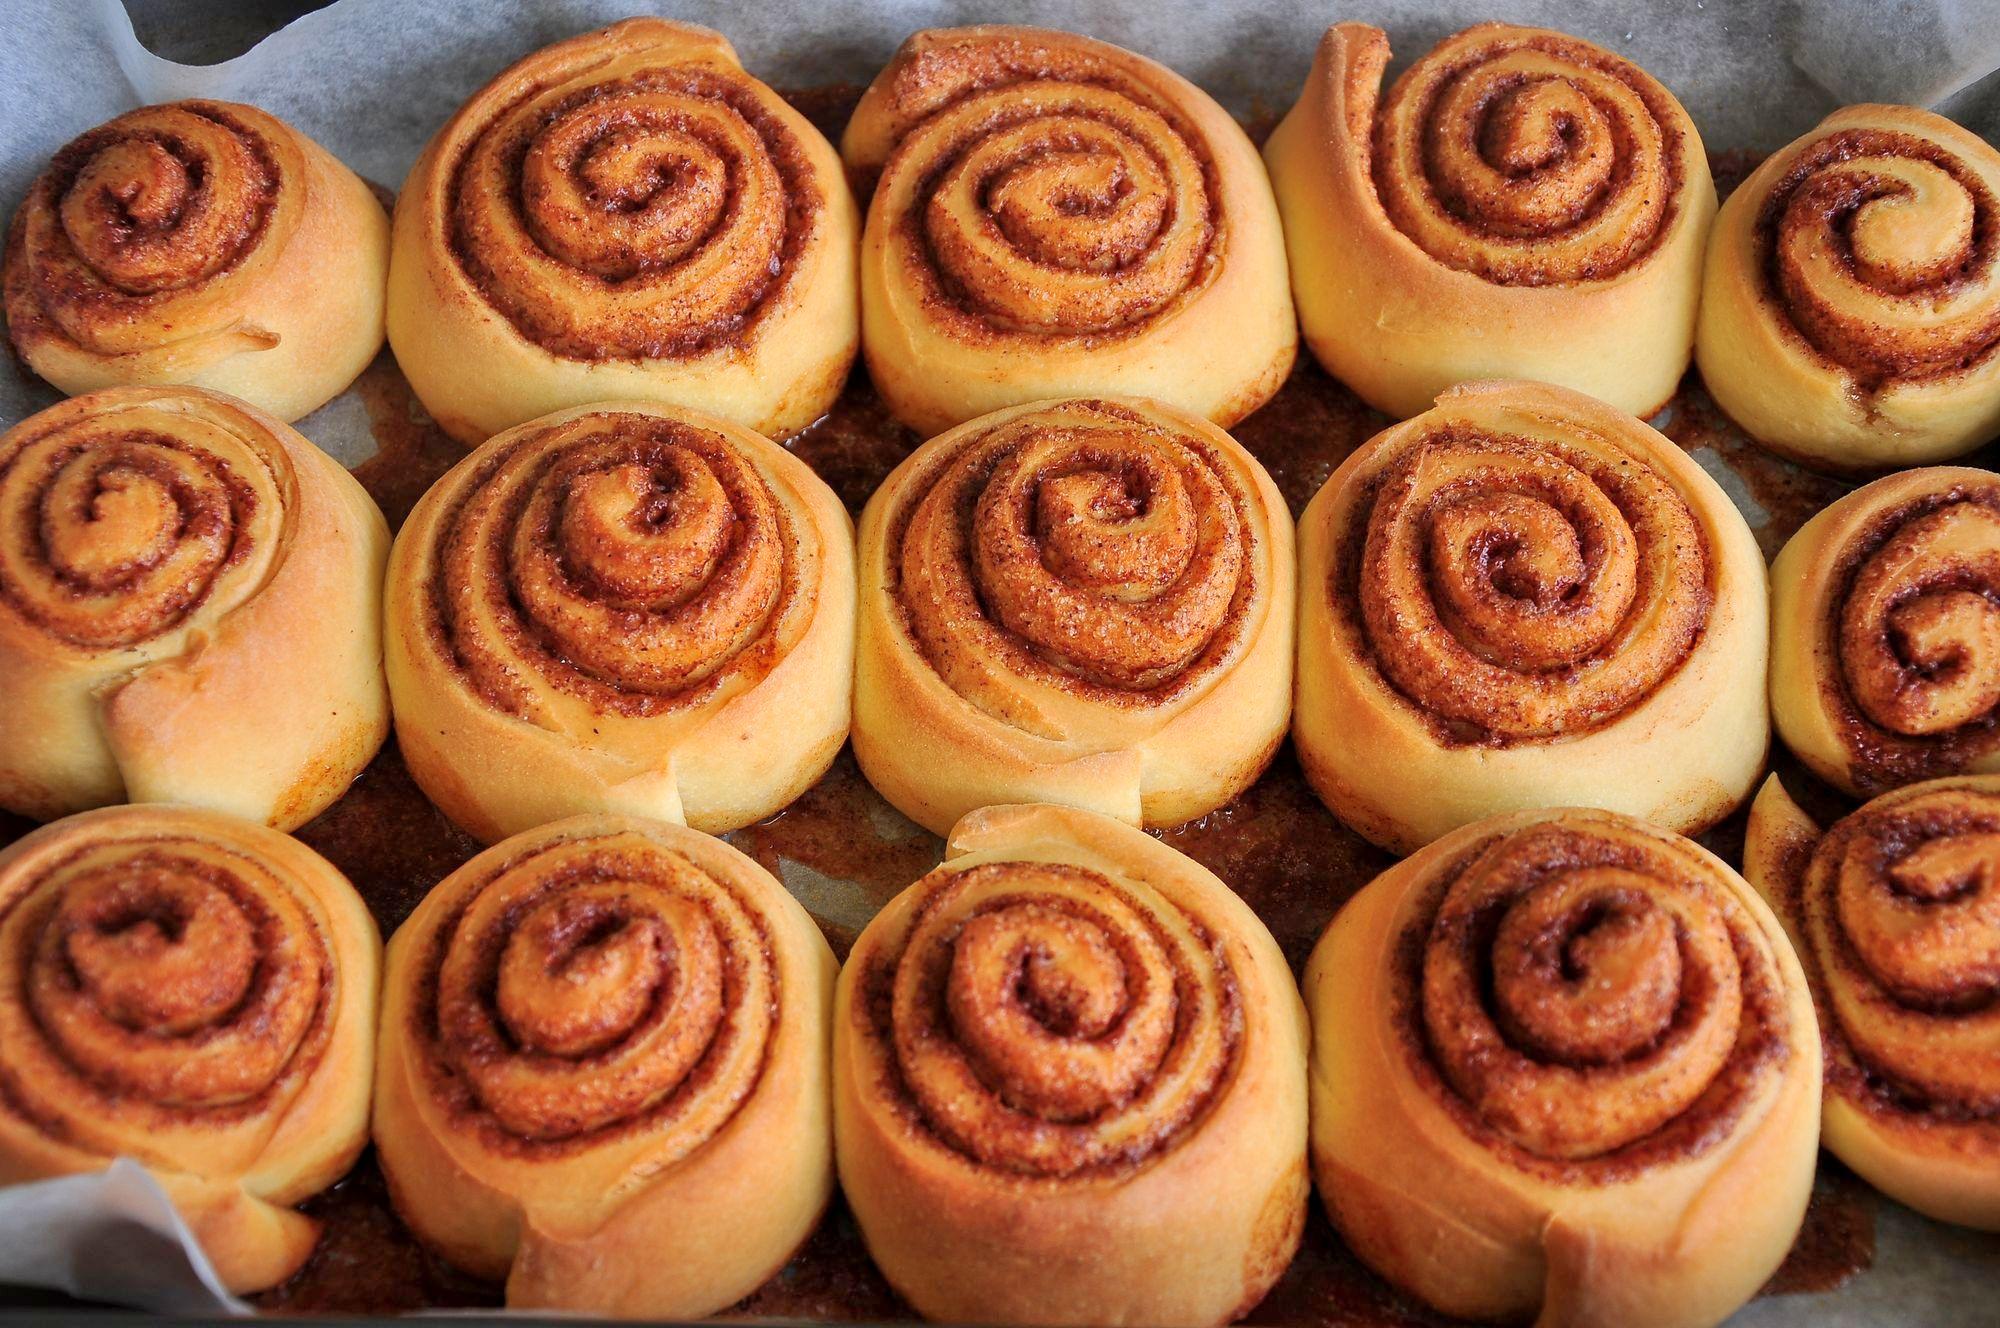 Булочки «синнабон»: когда и где появились впервые? как готовить булочки «синнабон» с корицей, с яблоками и корицей?